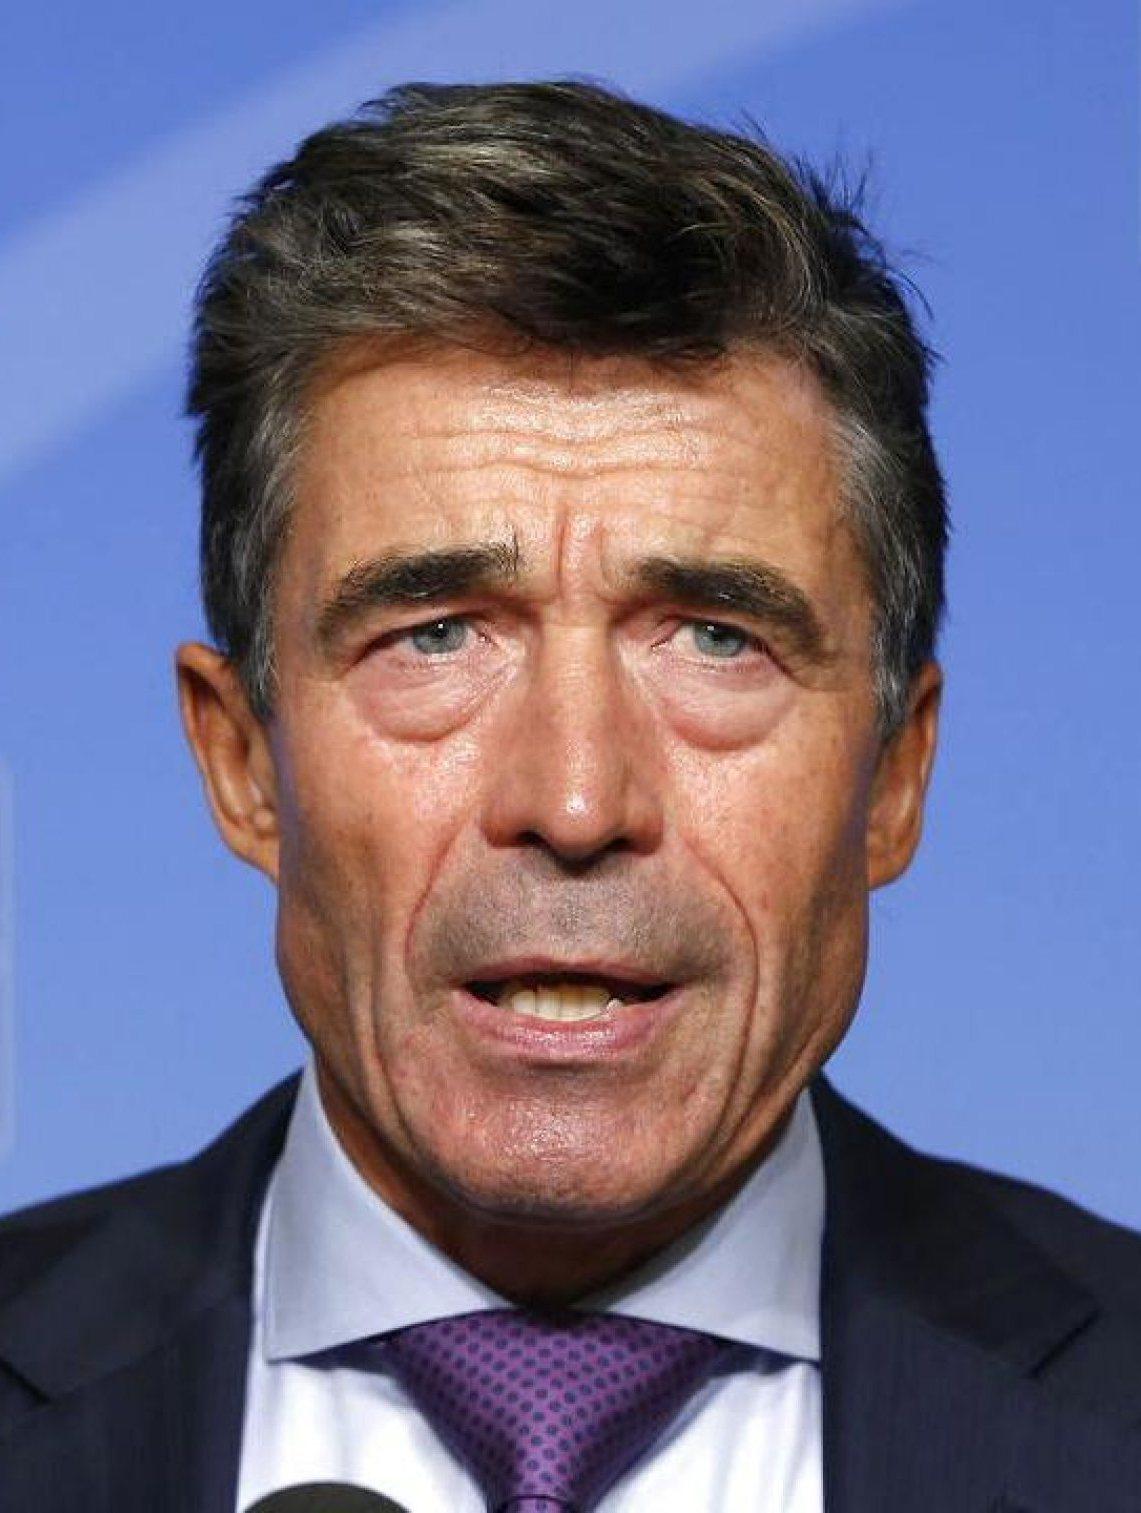 Poroshenko appoints former NATO Secretary-General Rasmussen as non-staff advisor